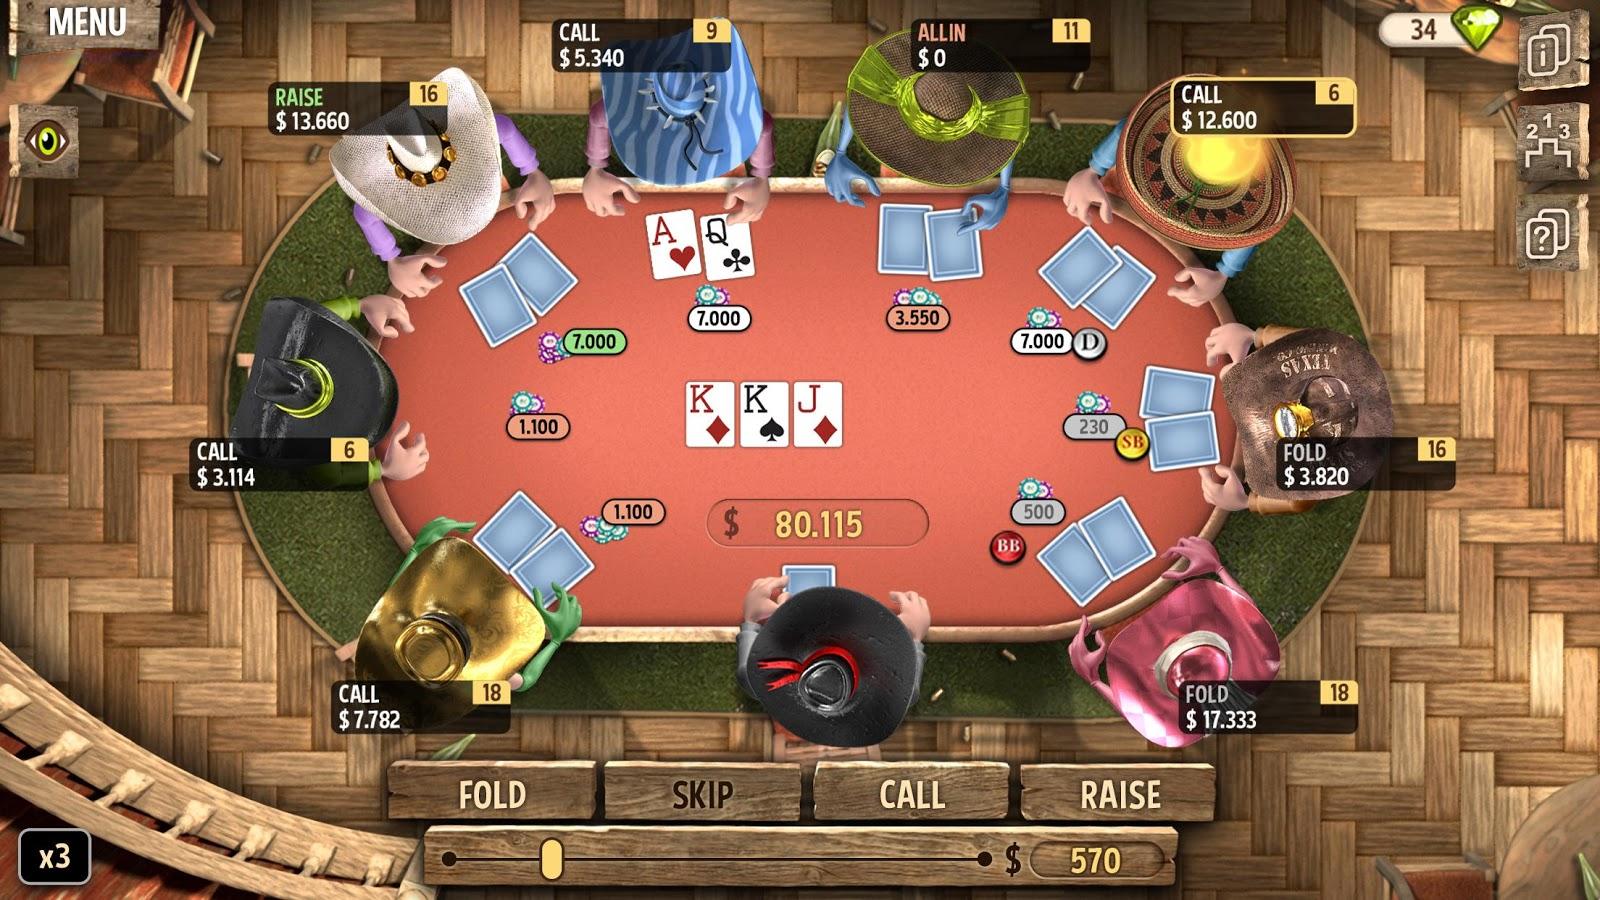 игры покер 2 онлайн бесплатно